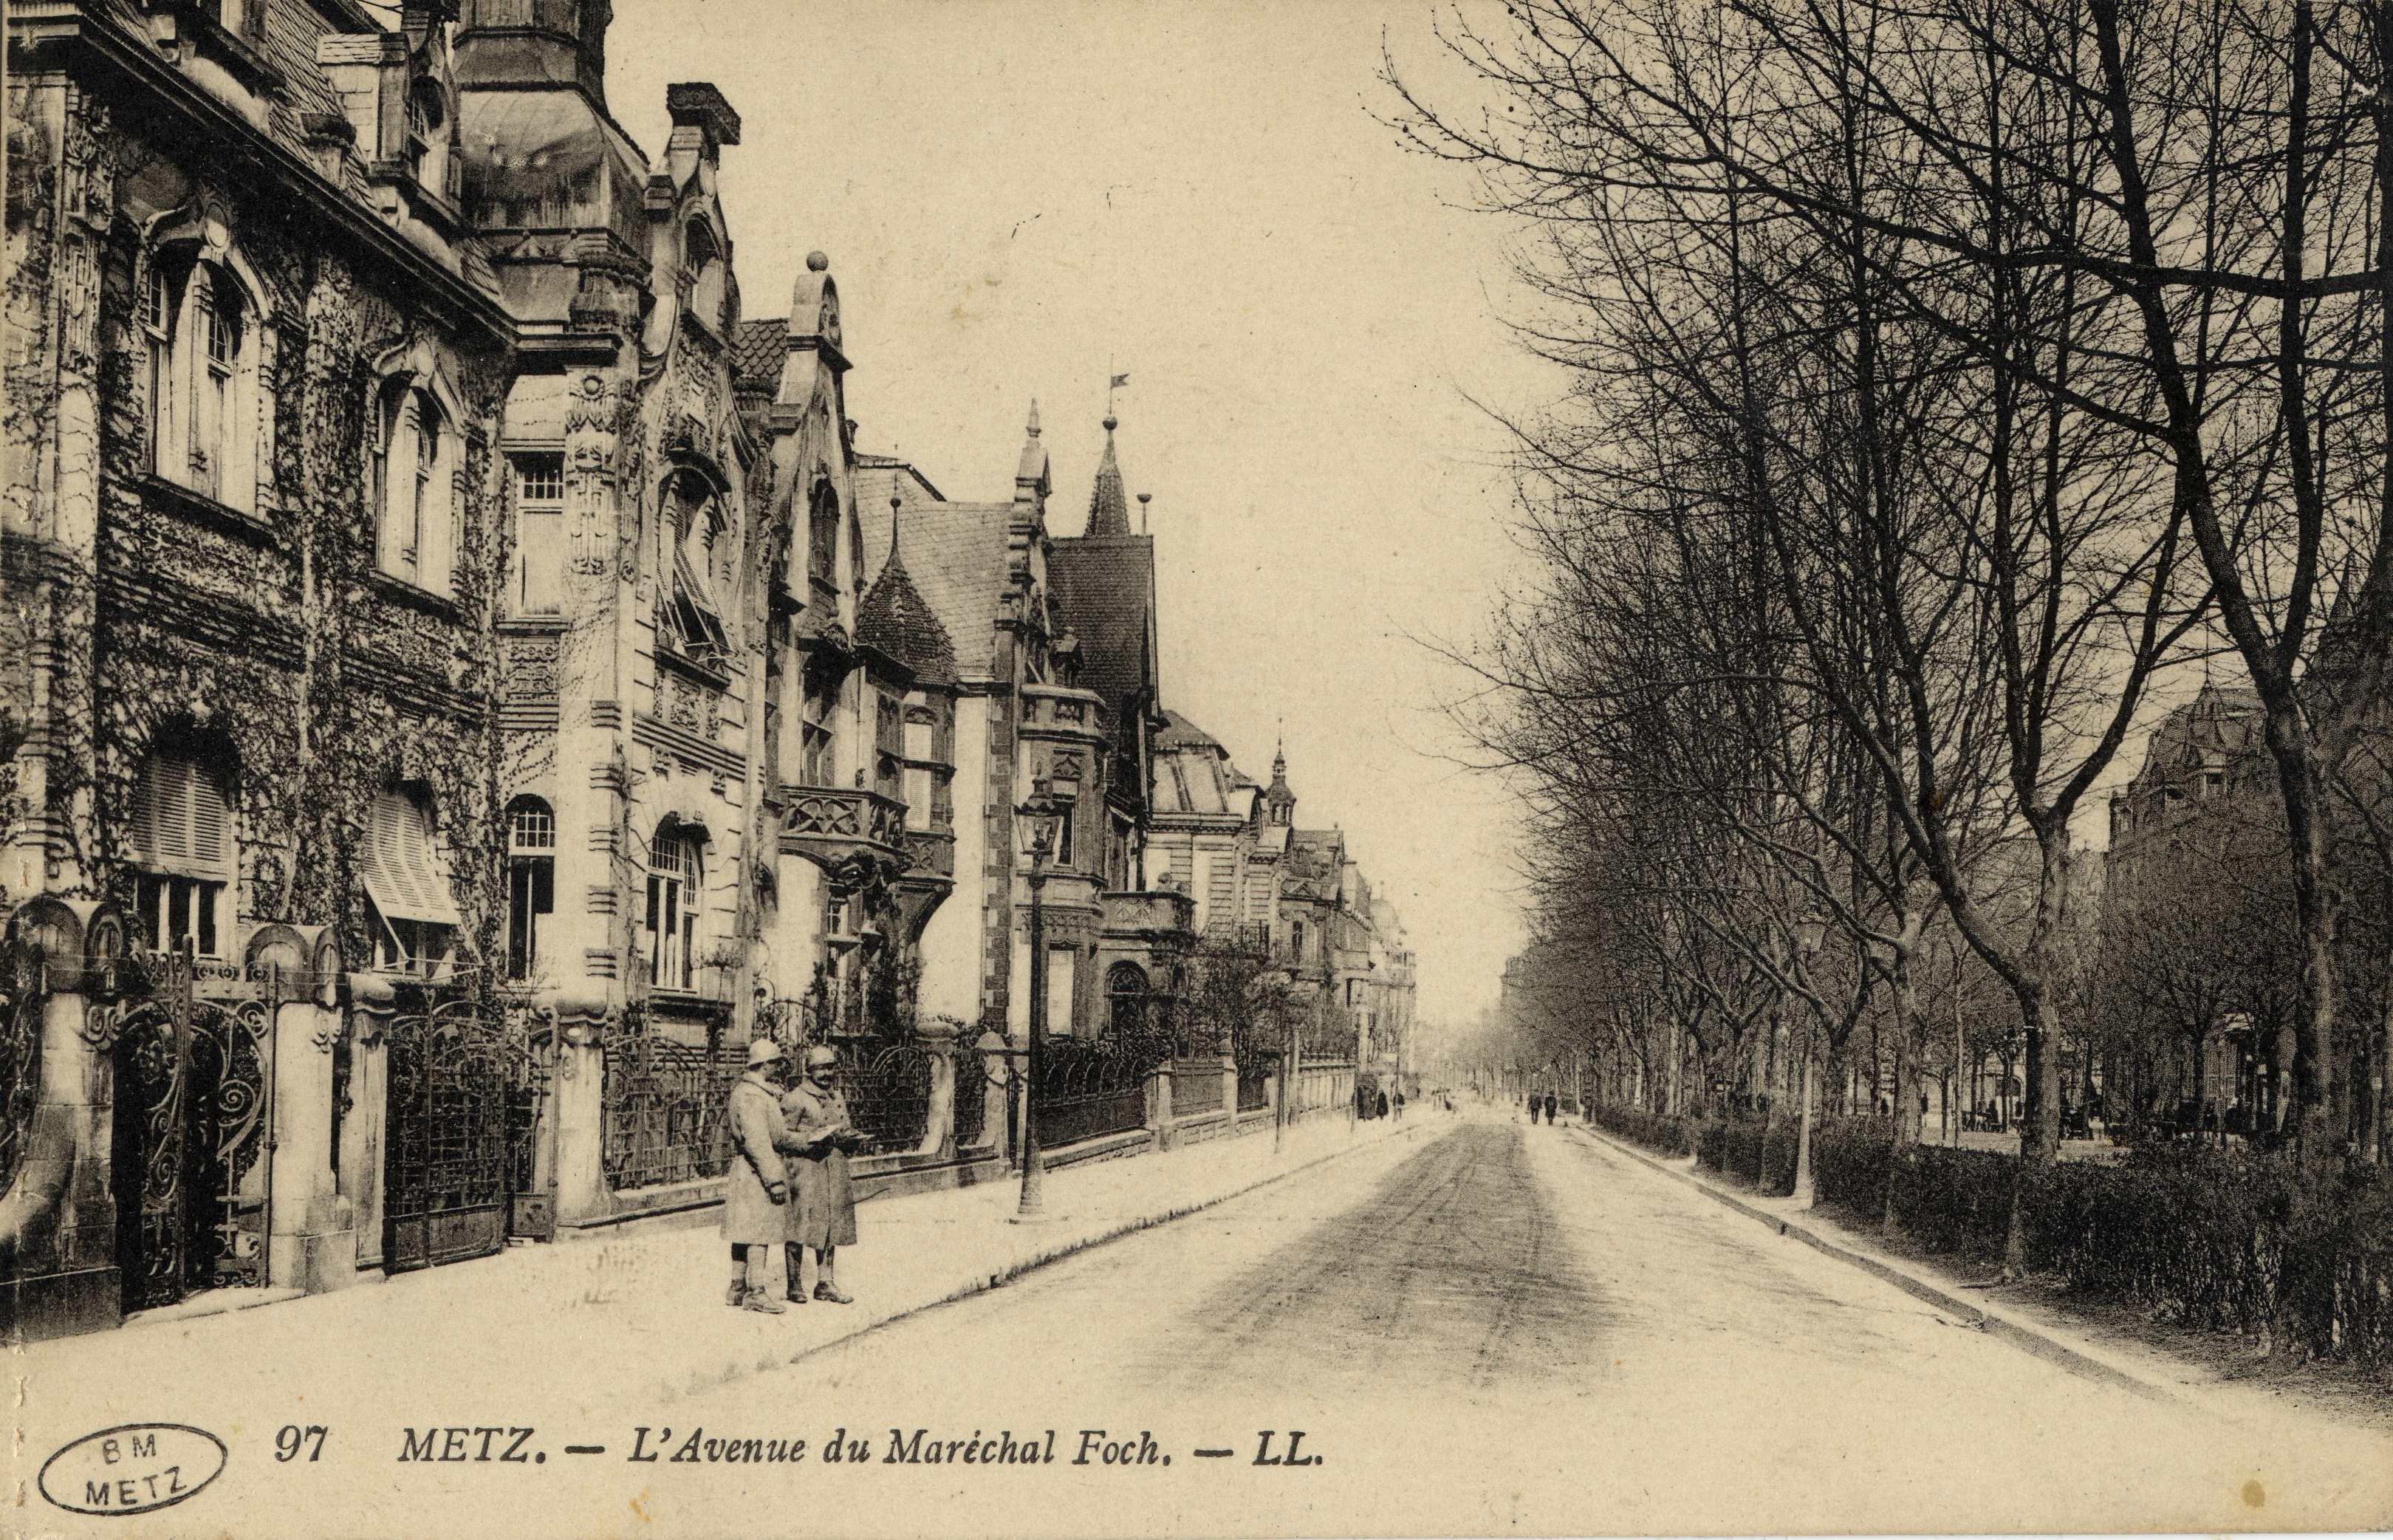 Contenu du Metz. Avenue Maréchal-Foch